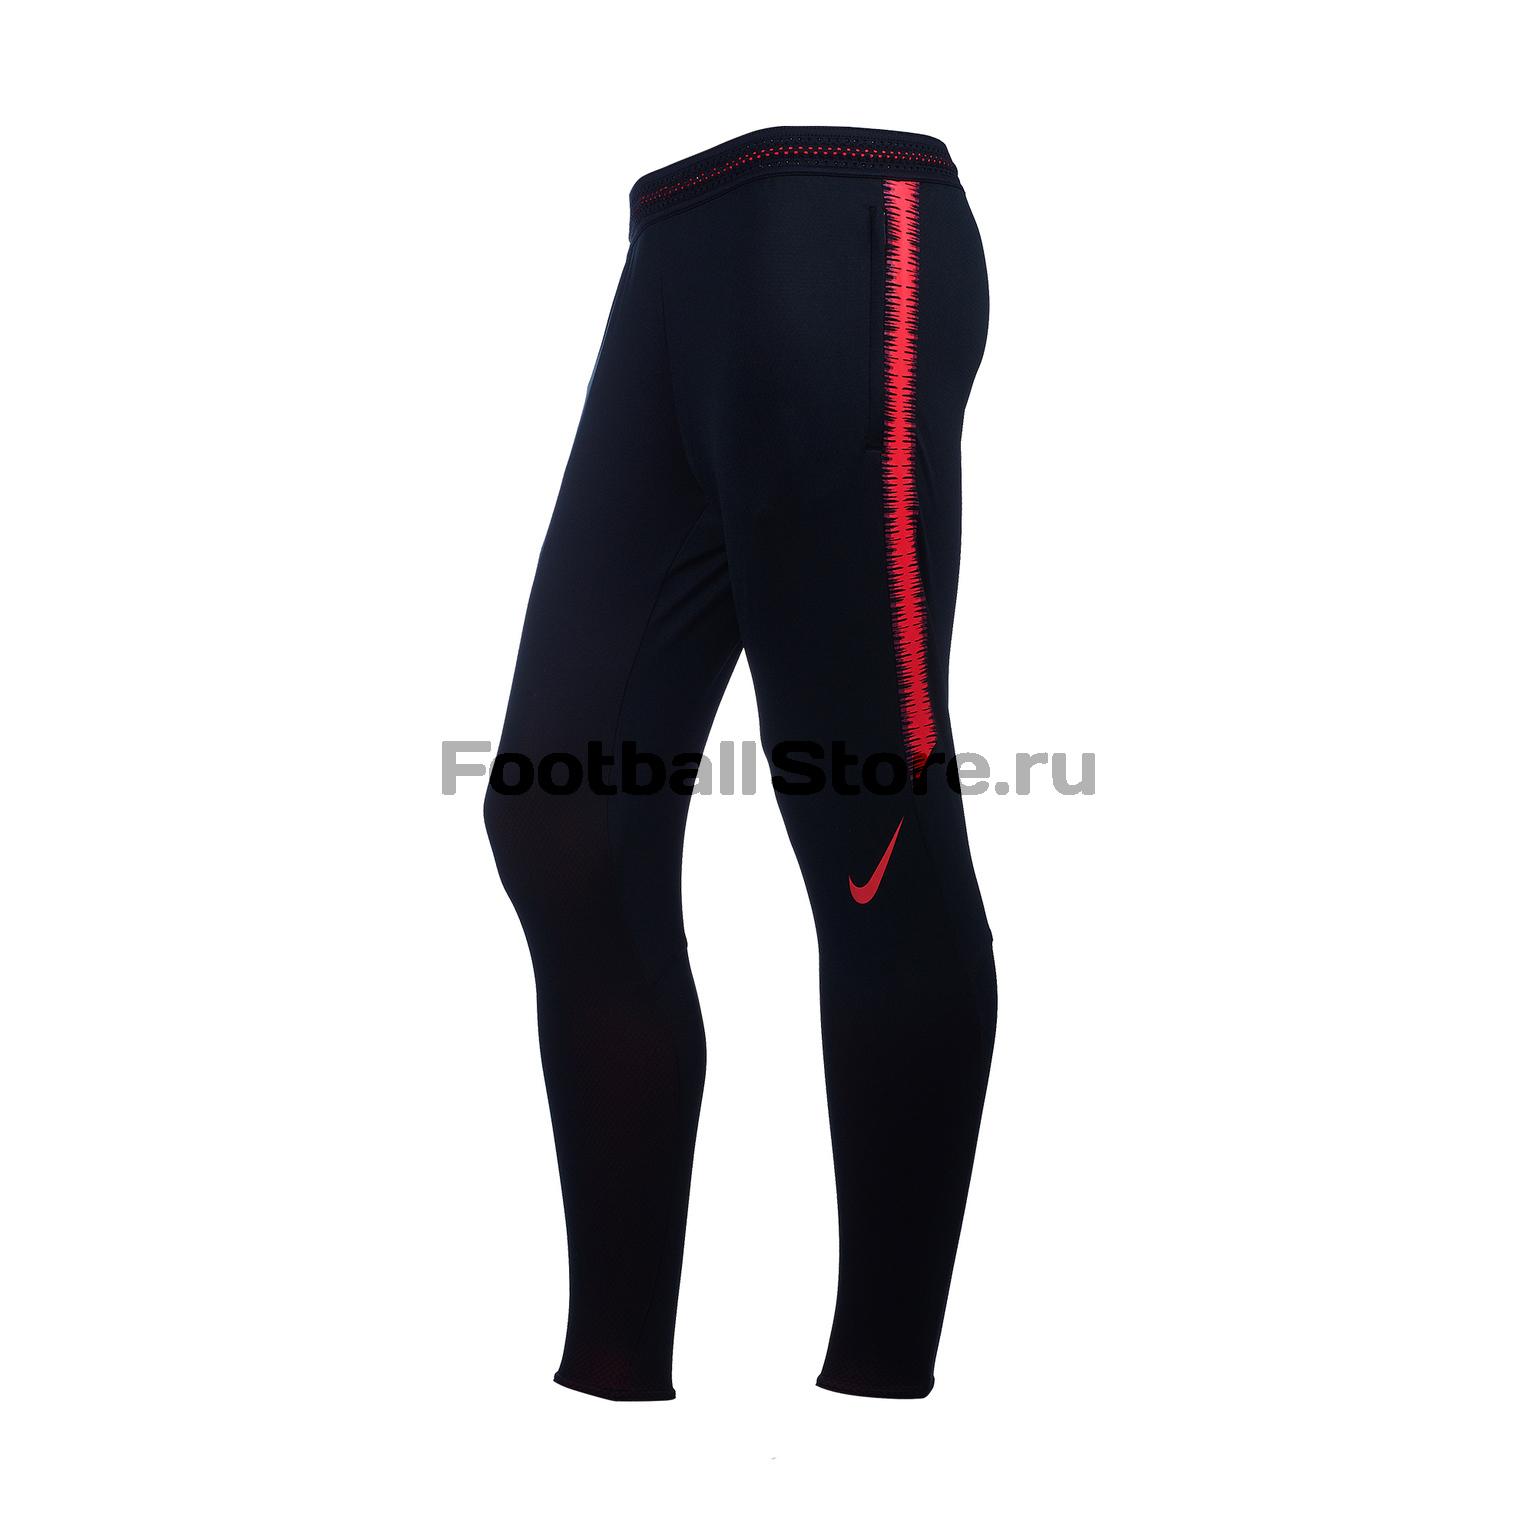 Брюки тренировочные Nike Strike Flex Football Pants 902586-017 nike брюки тренировочные nike strike pnt wp wz 688393 011